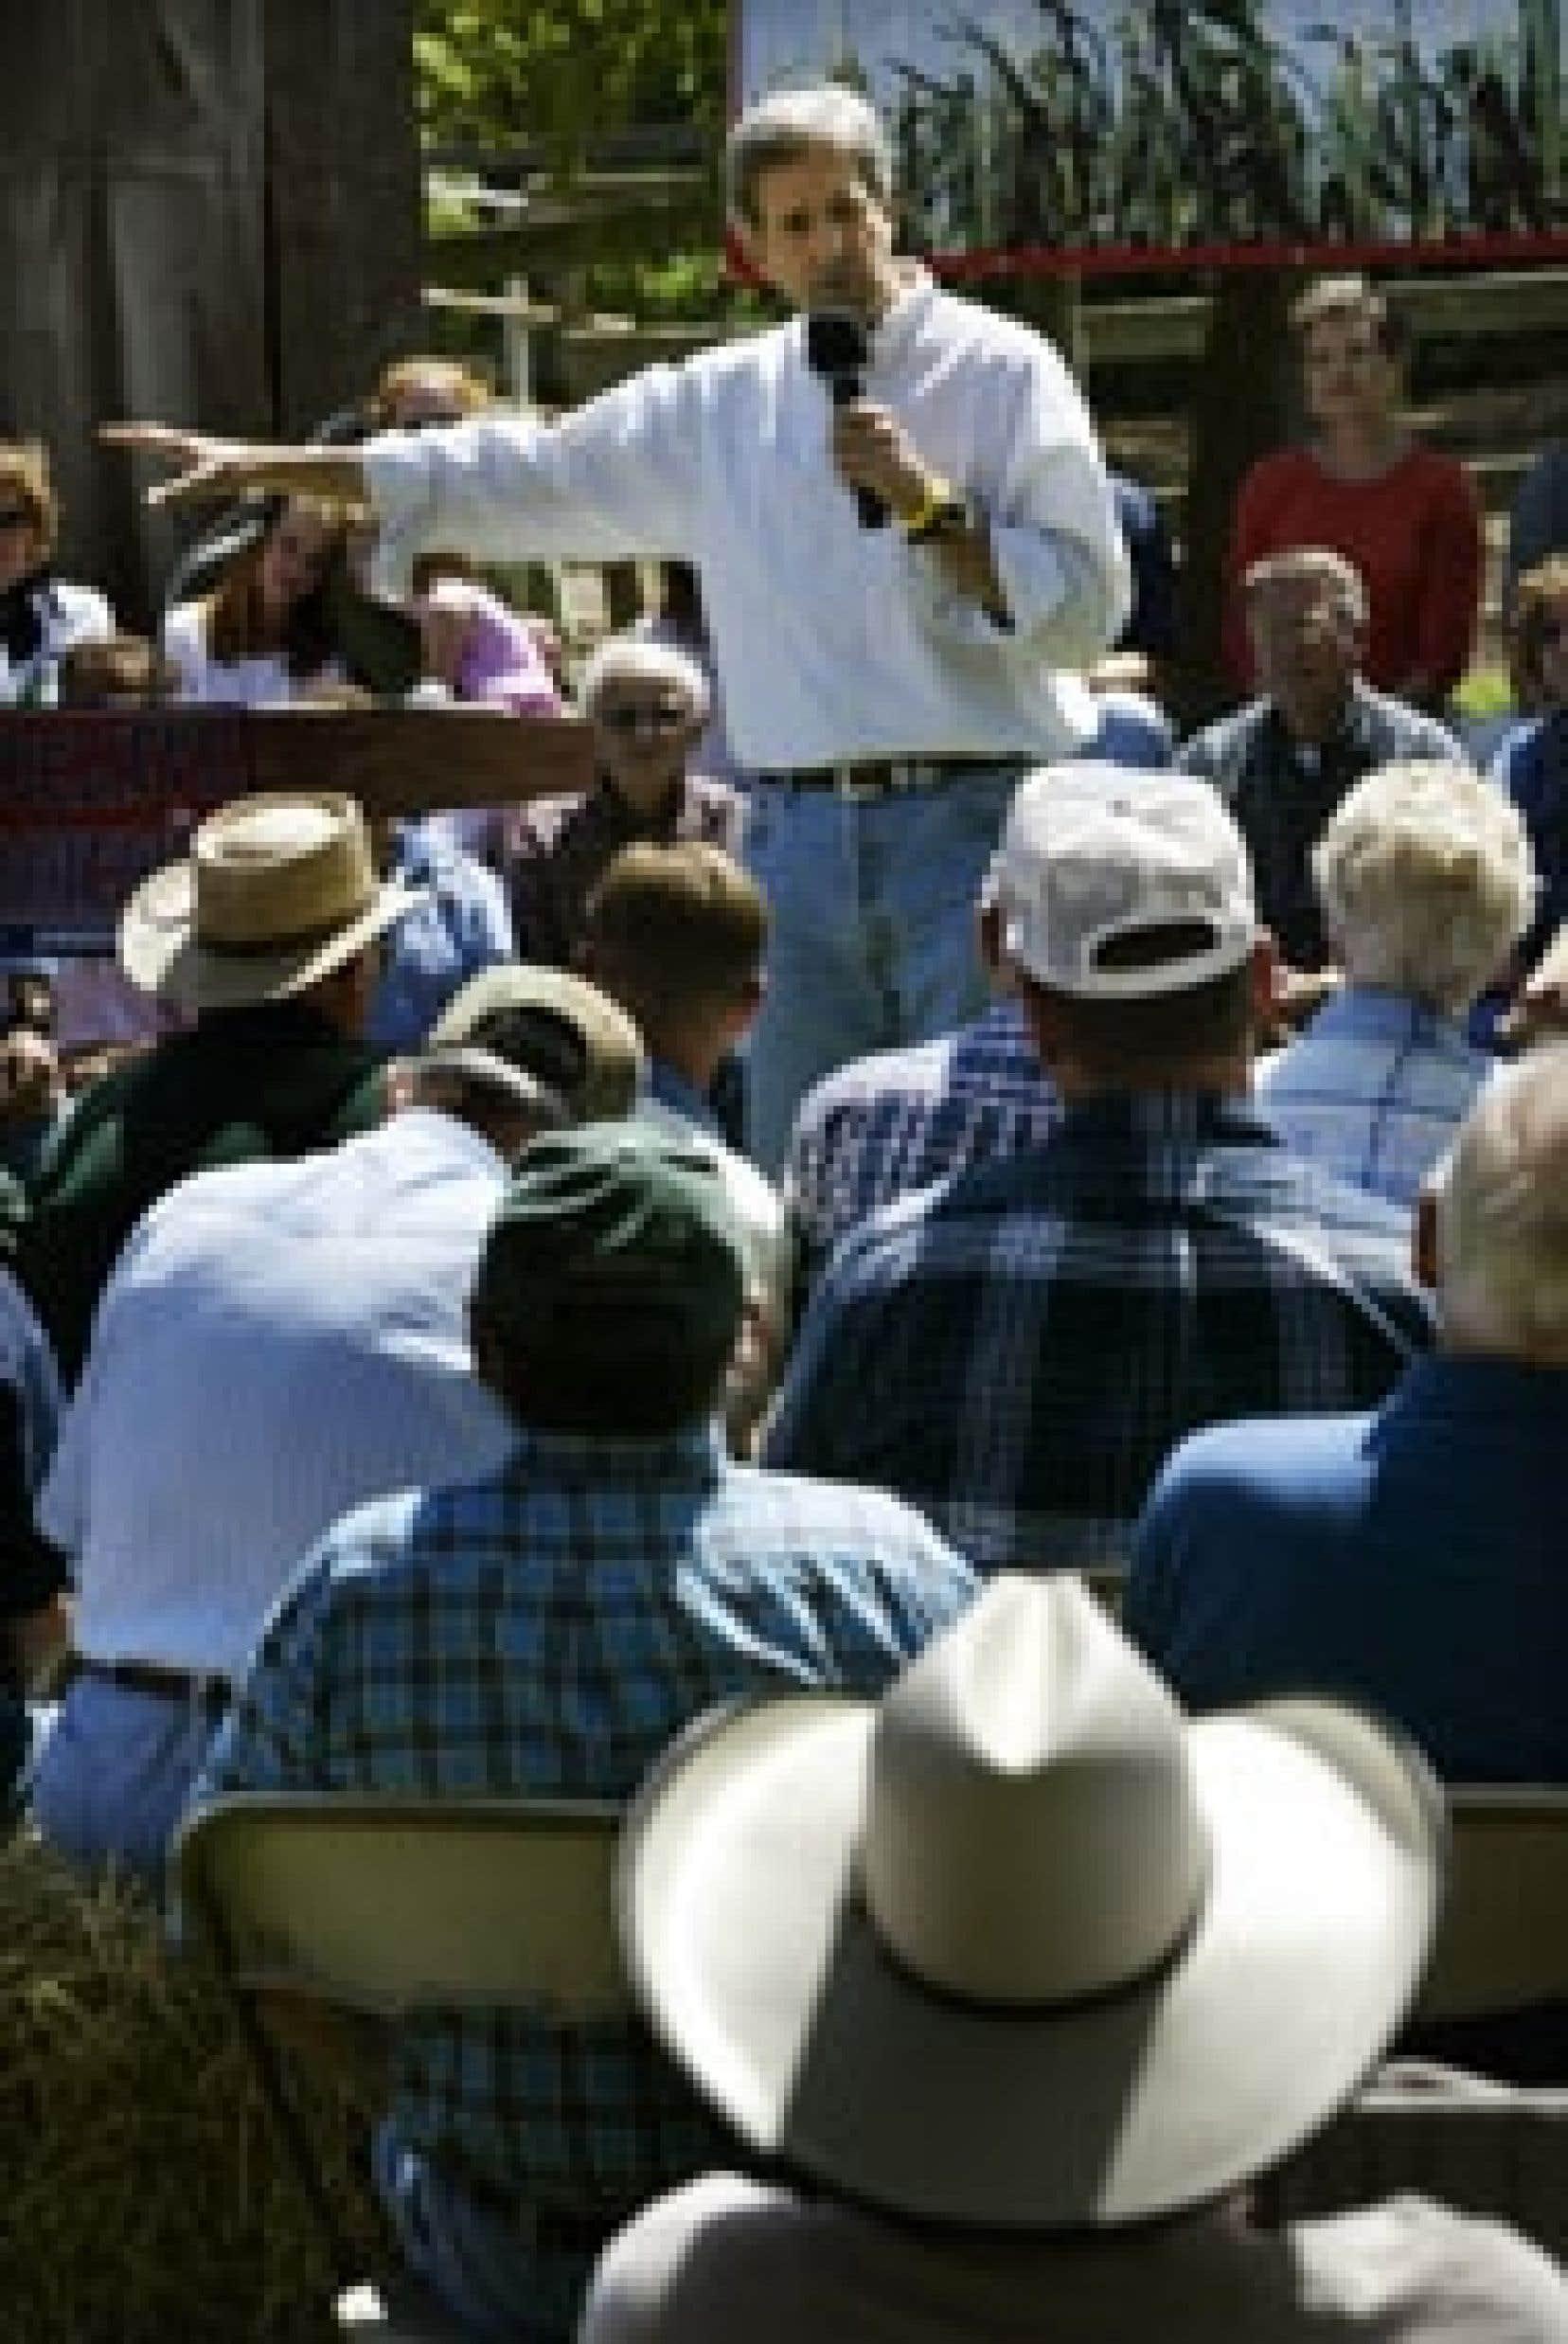 Le candidat démocrate faisait campagne hier chez les fermiers du Missouri.